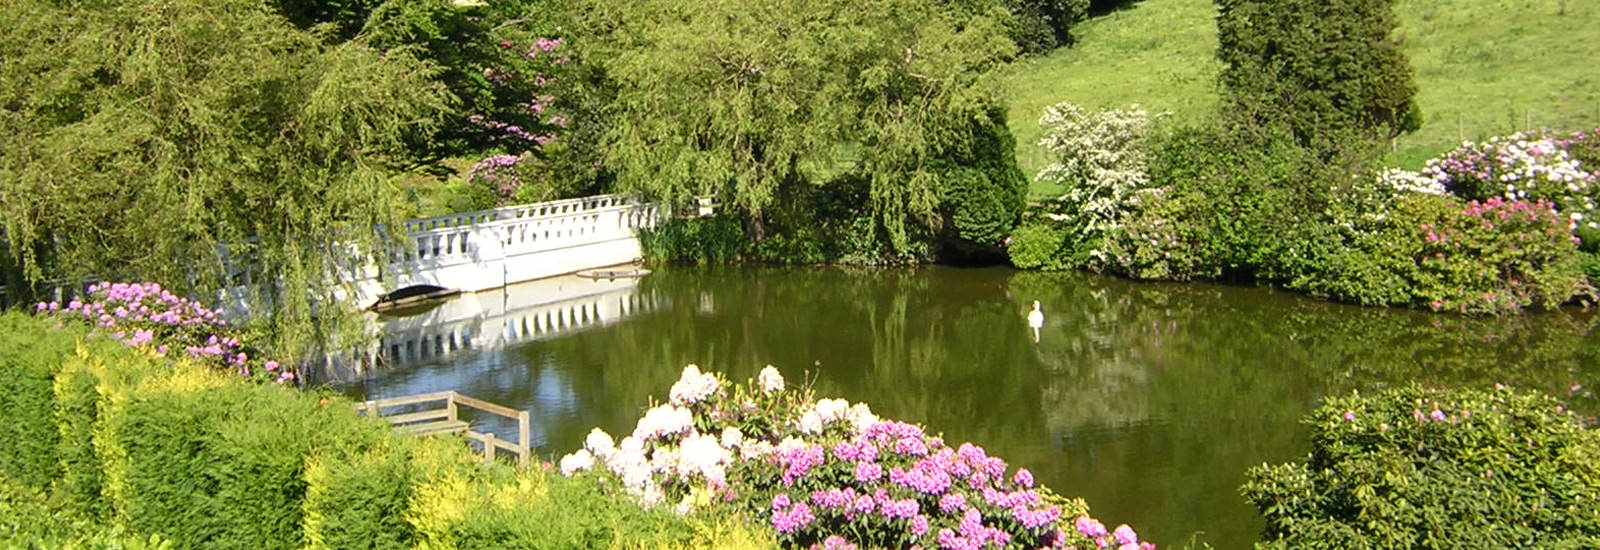 Raithwaite Estate lake and gardens